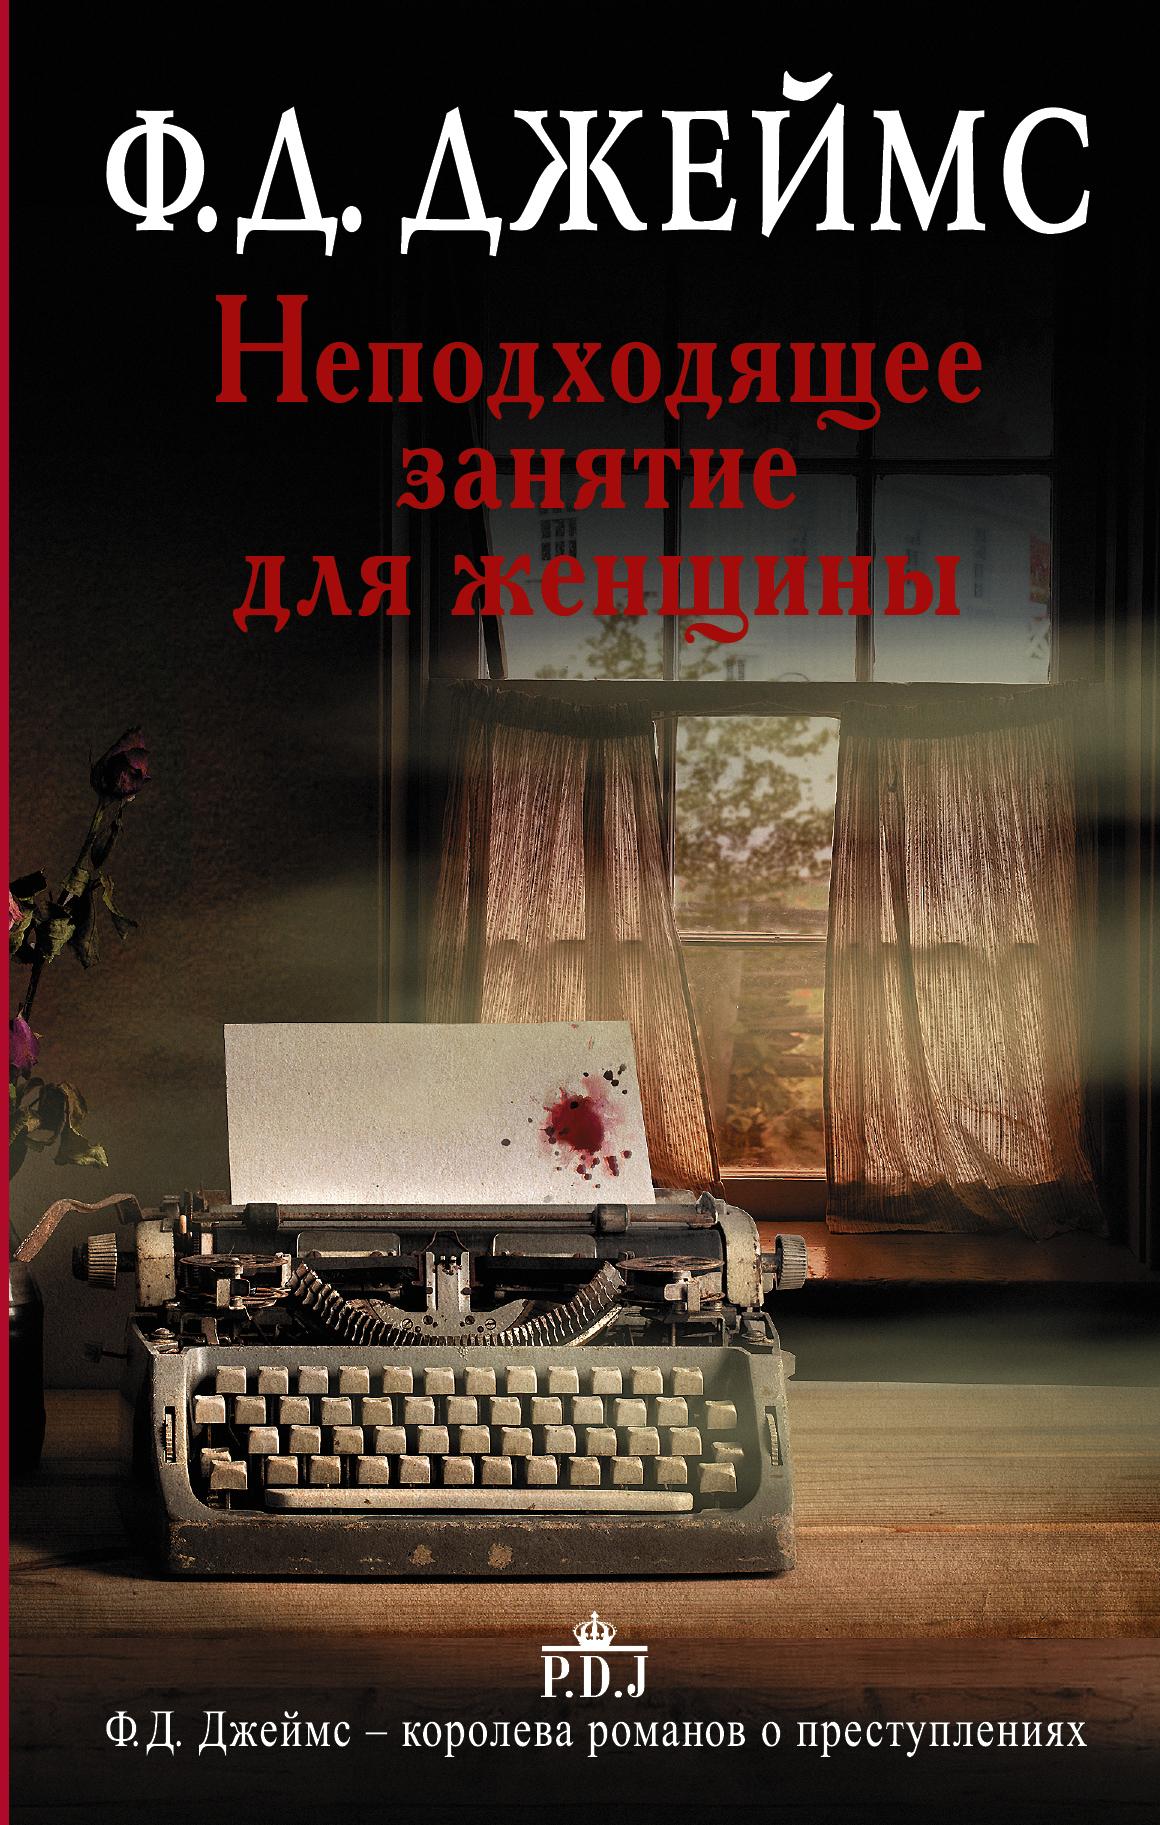 Неподходящее занятие для женщины от book24.ru